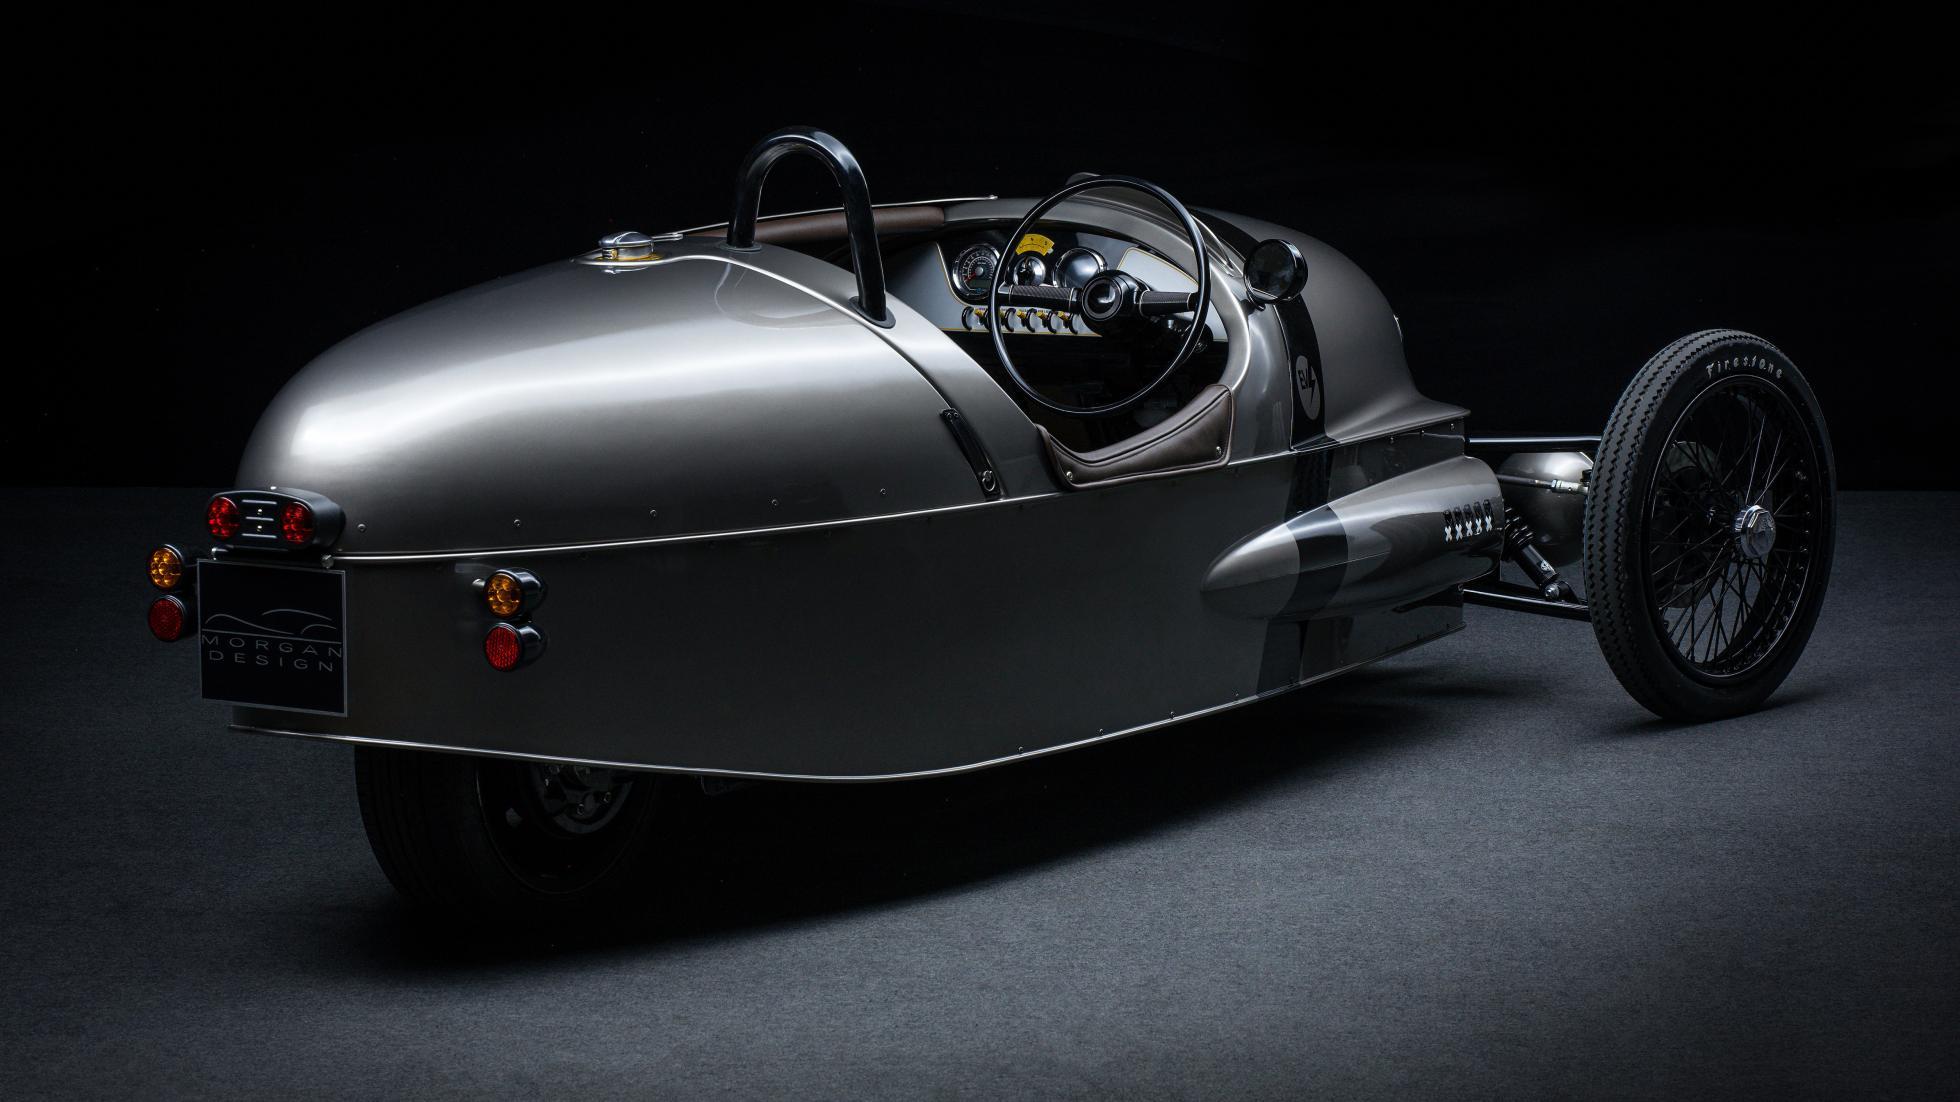 la voiture de course lectrique 3 roues morgan ev3 entrera en production en 2018. Black Bedroom Furniture Sets. Home Design Ideas